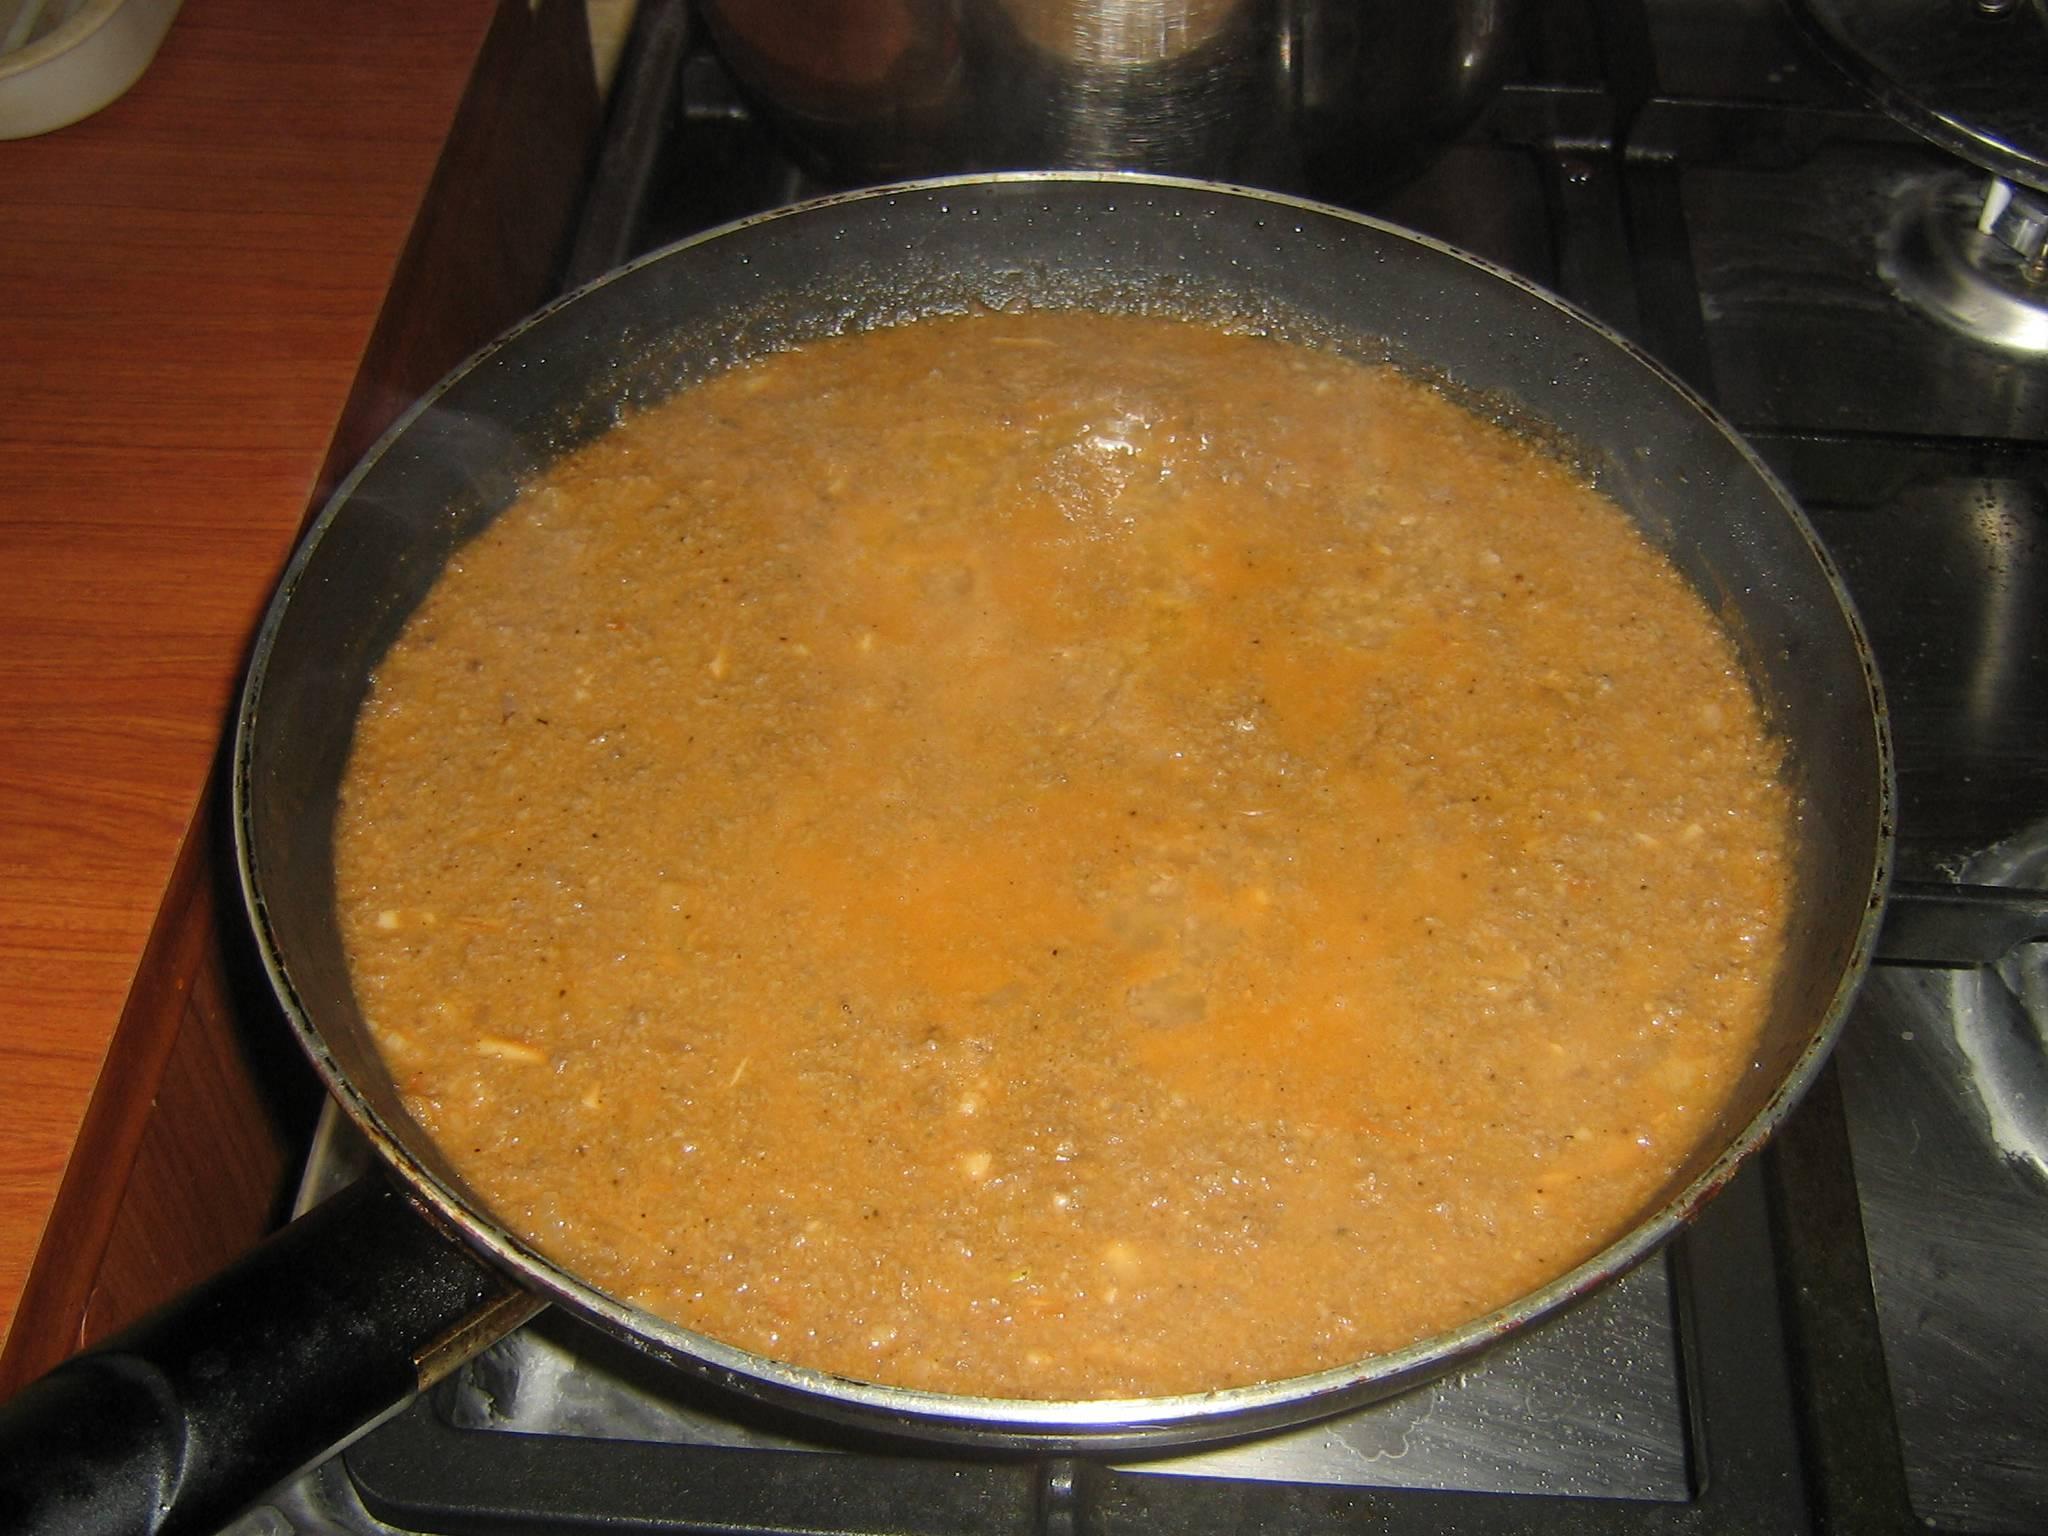 Домашние соусы - простые рецепты приготовления соусов в домашних условиях 25